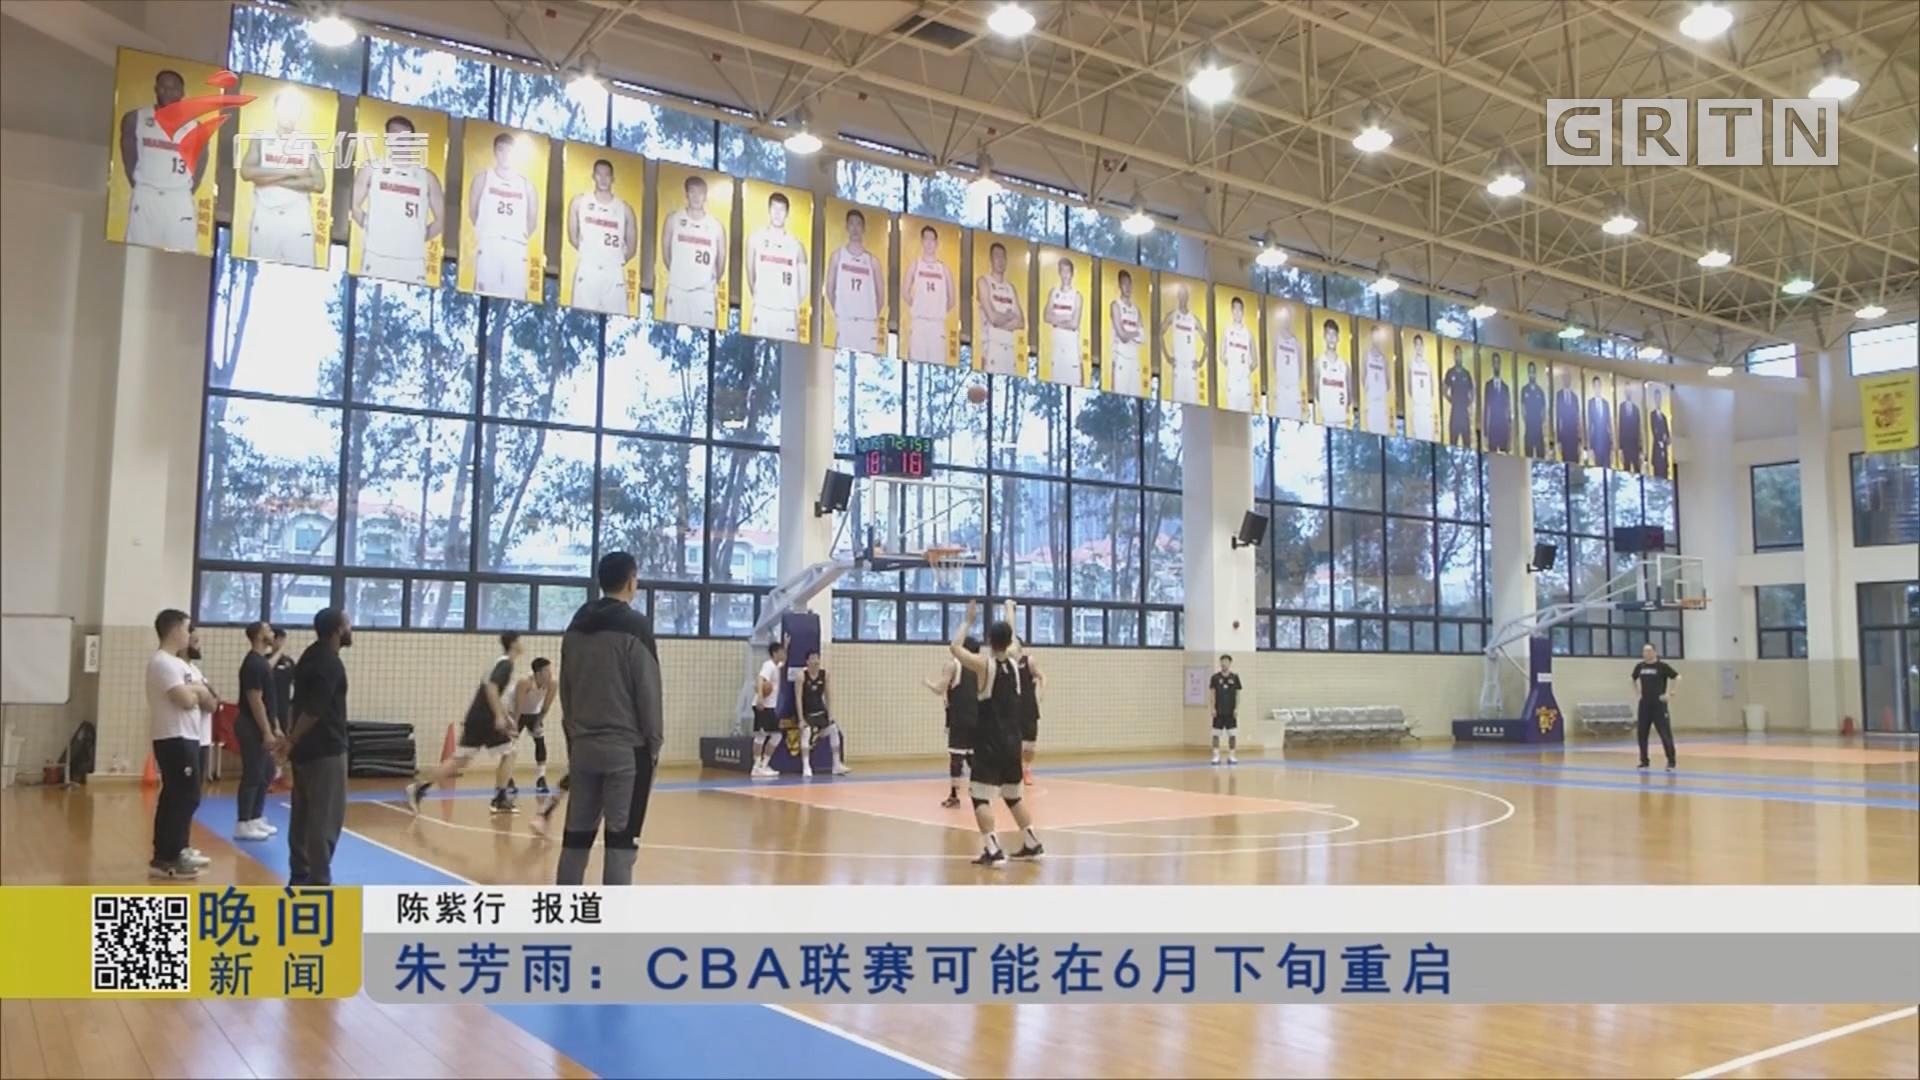 朱芳雨:CBA聯賽可能在6月下旬重啟